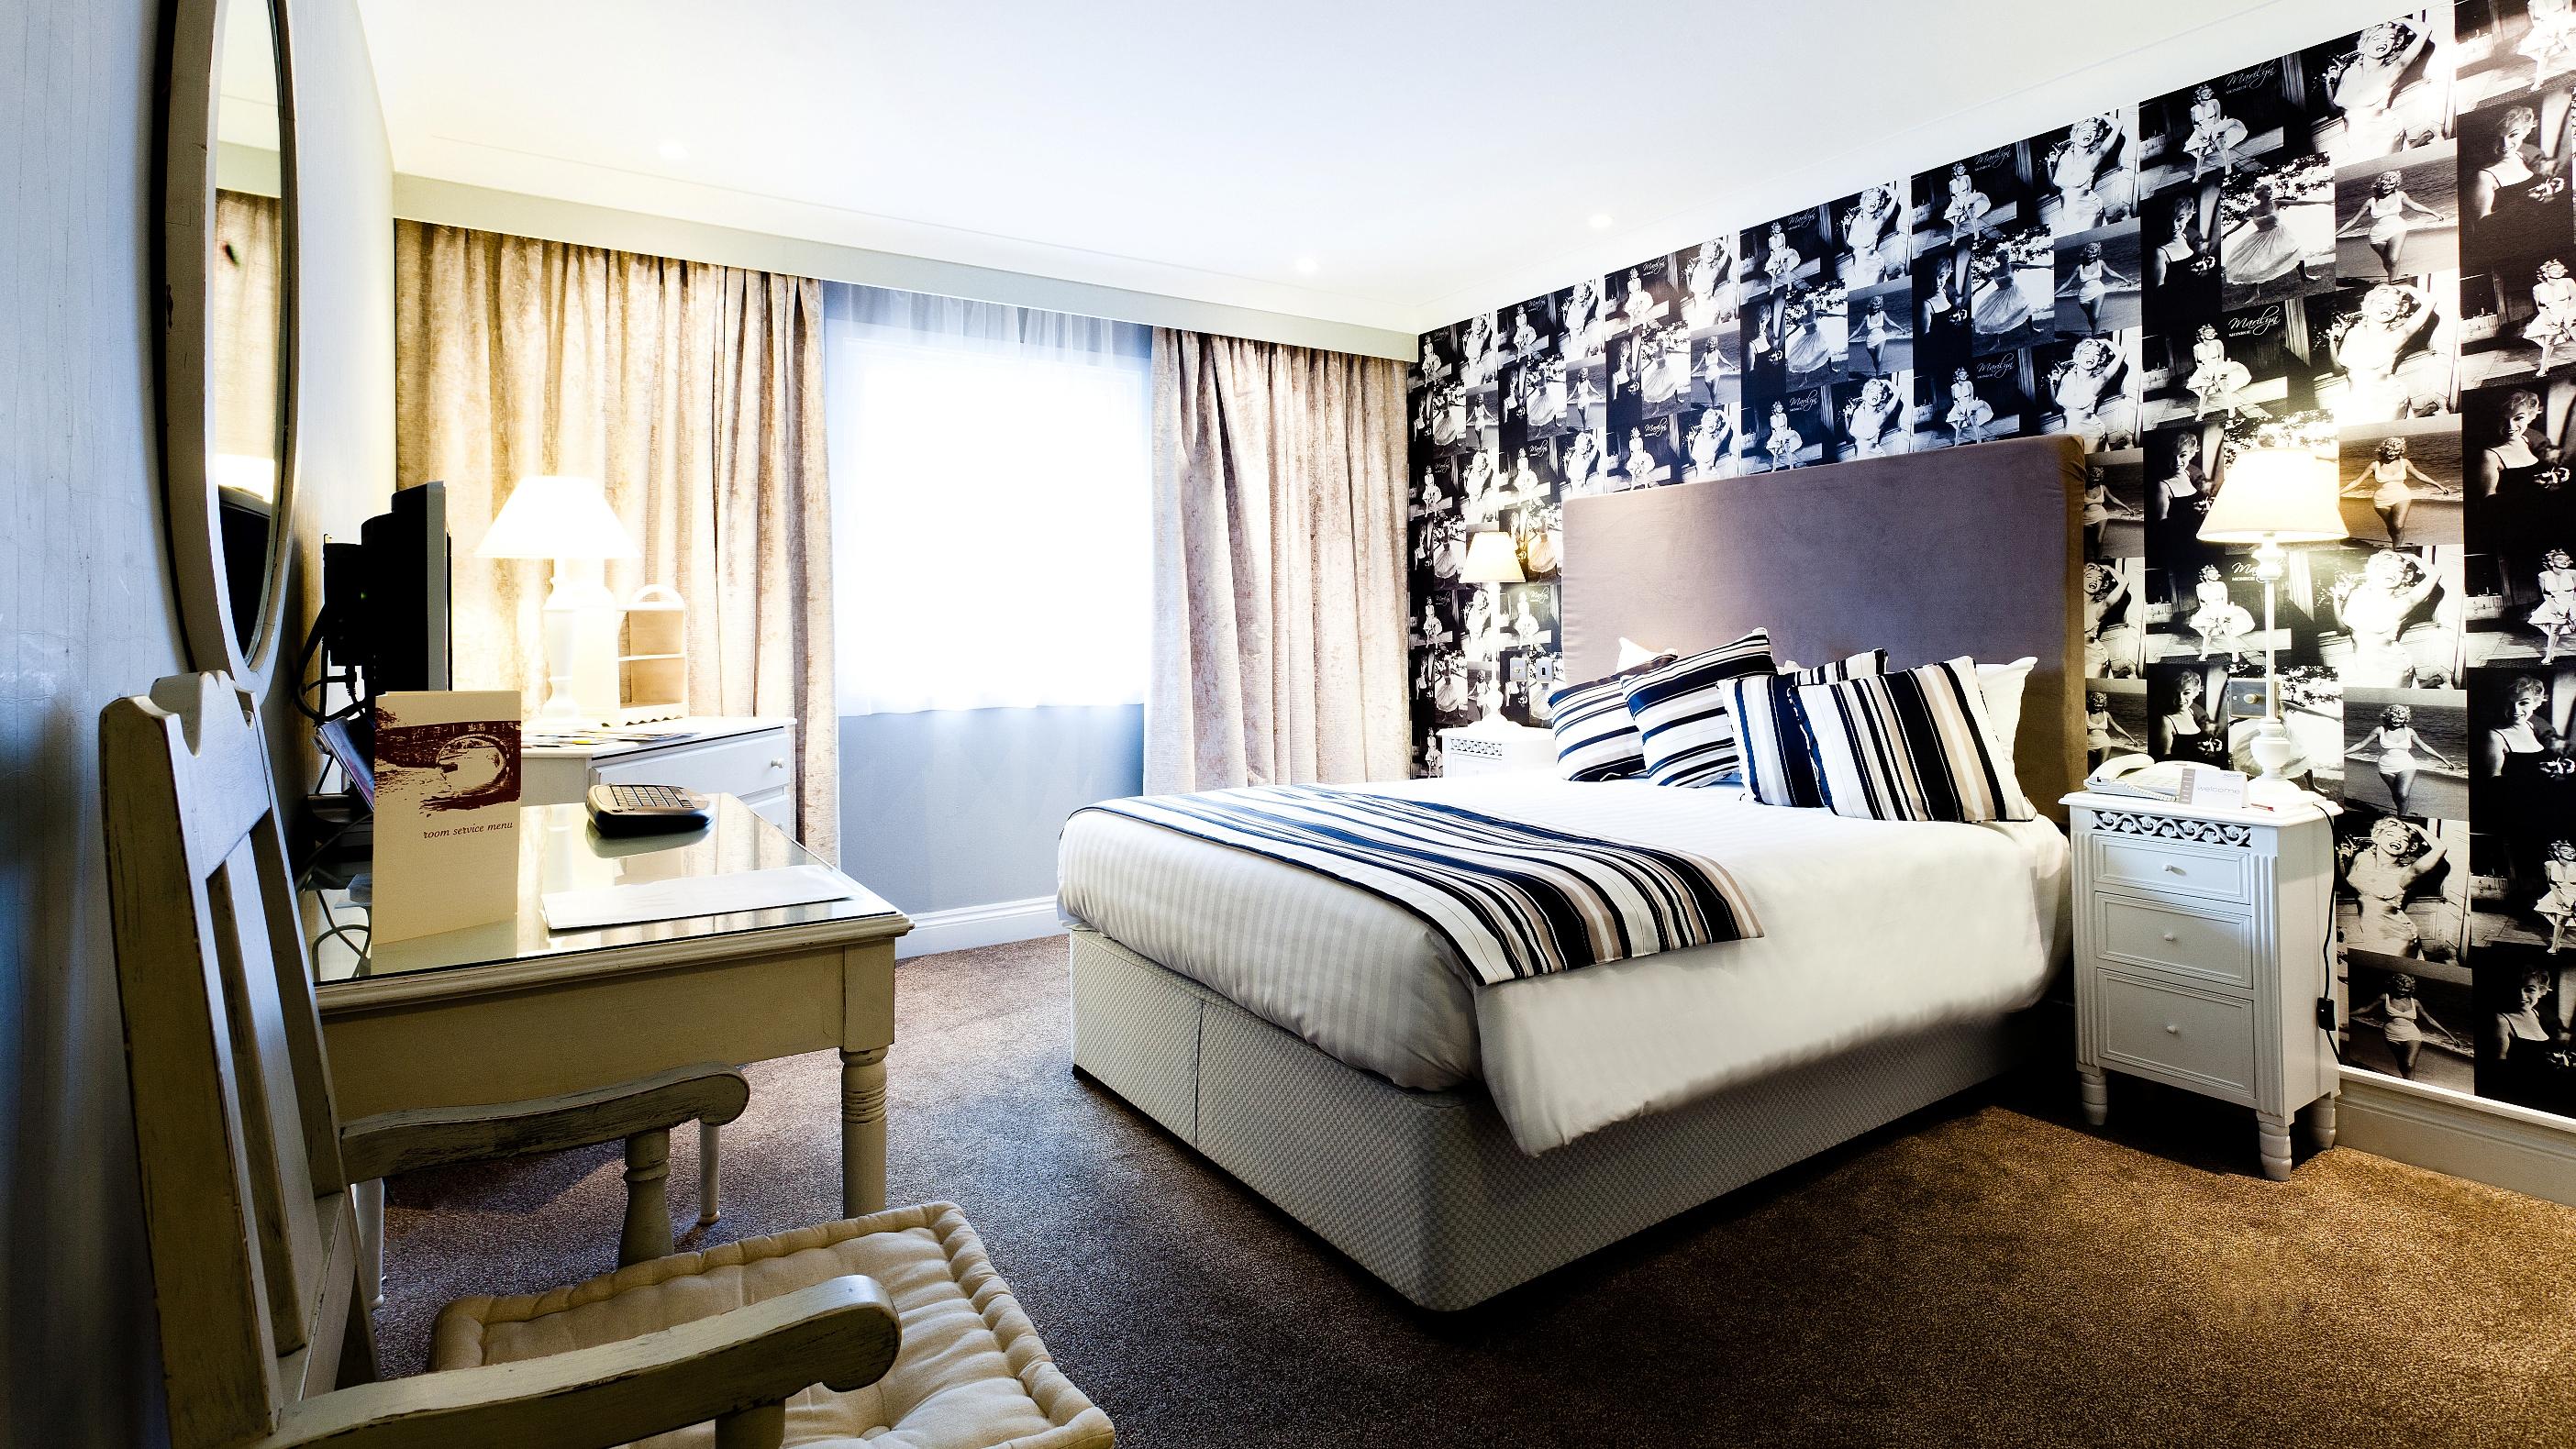 mercure_tunbridge_wells_hotel